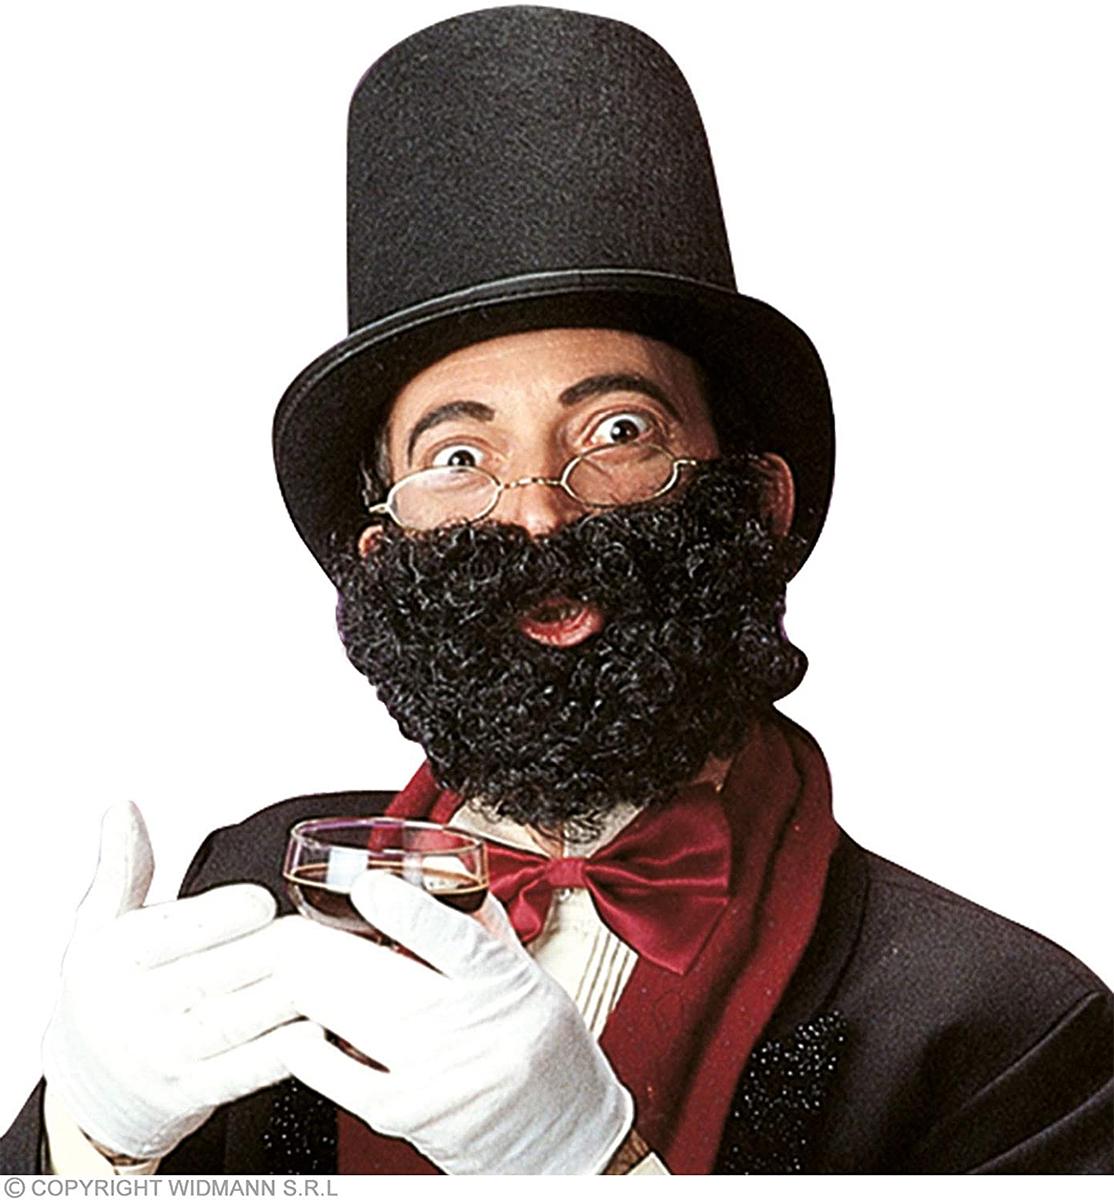 Barbe et moustache frisées noire